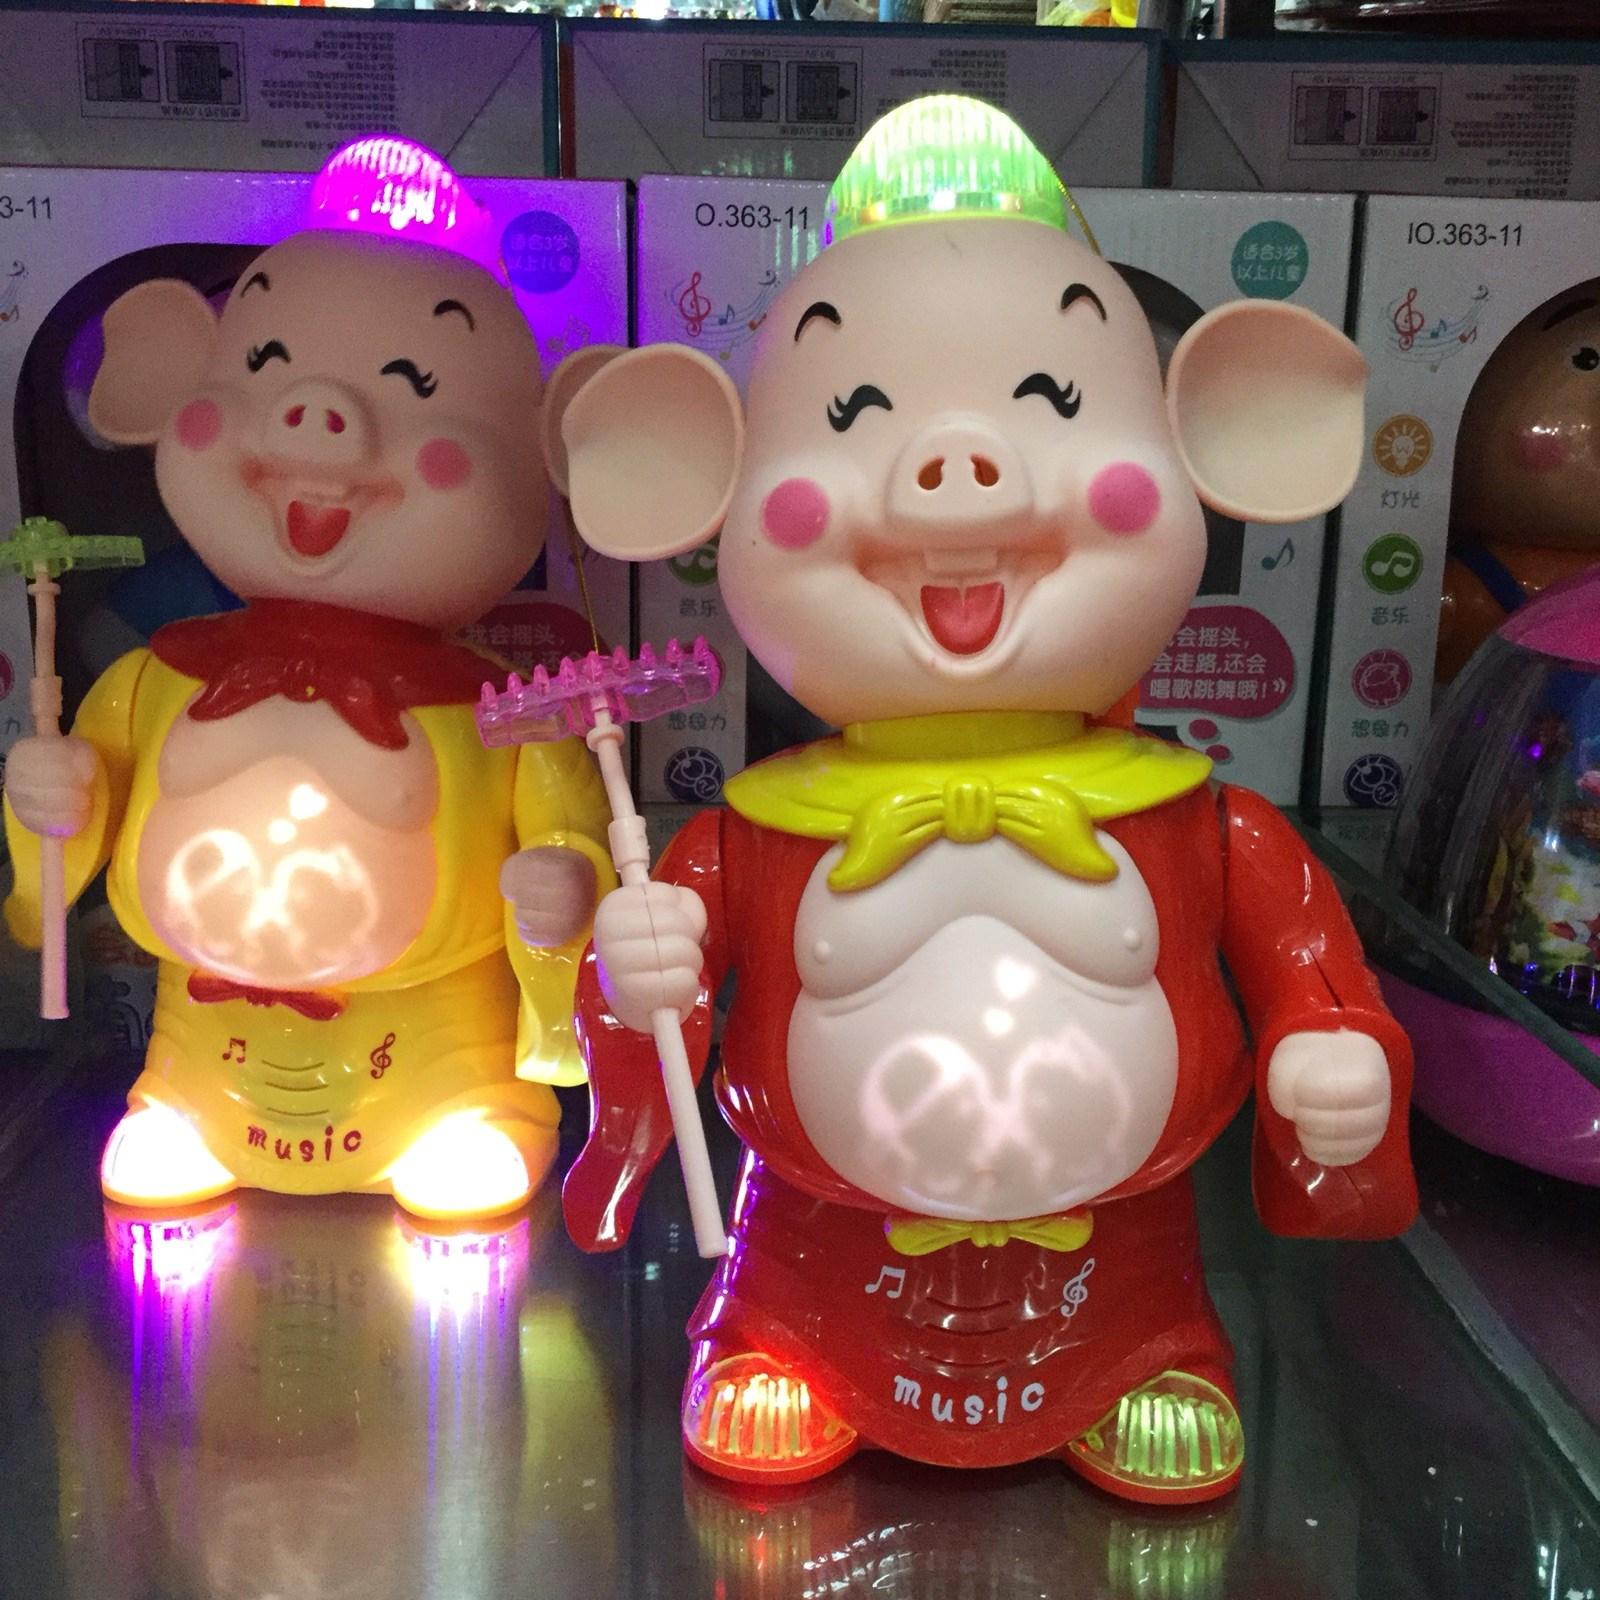 猪扒儿童猪八戒手提灯笼玩具电动摇摆轮音乐旋转地摊夜市发光灯笼